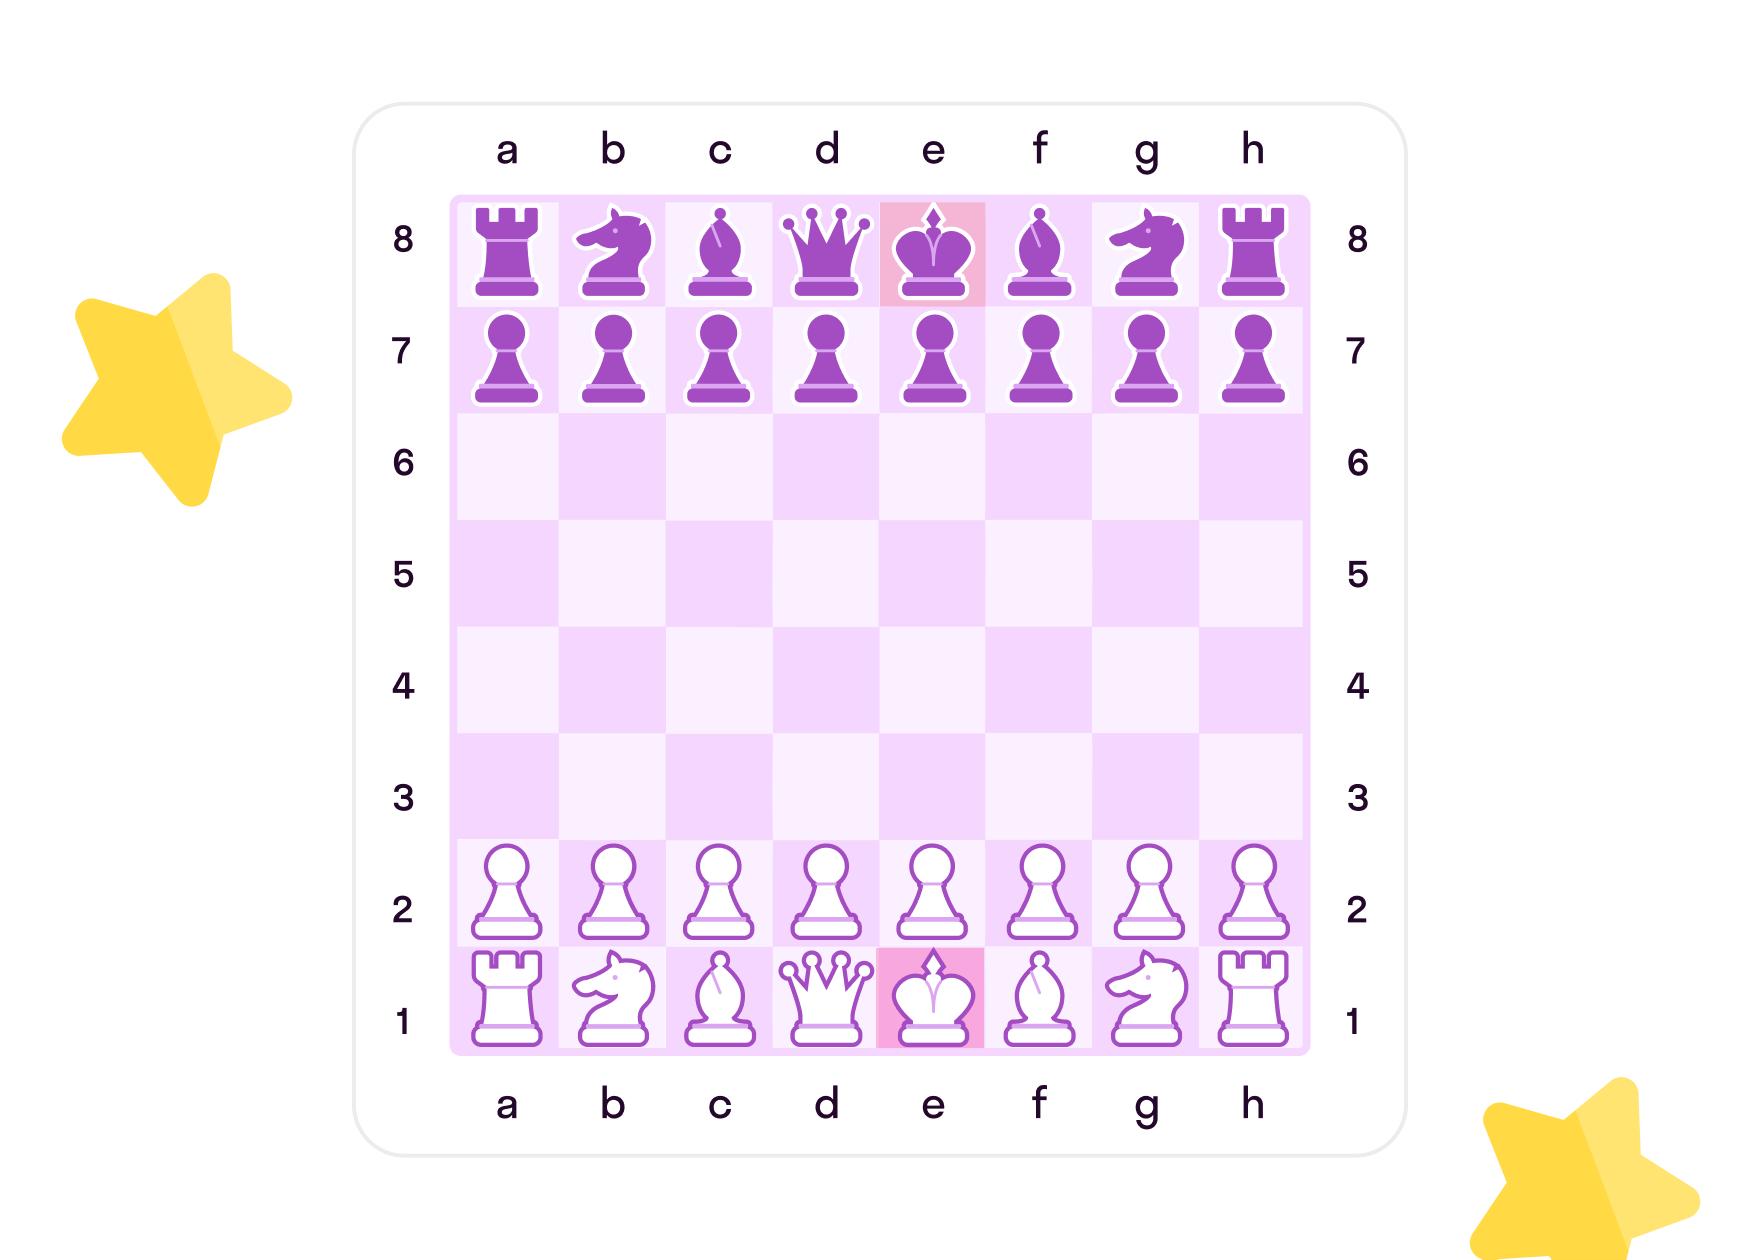 где на шахматной доске стоит король